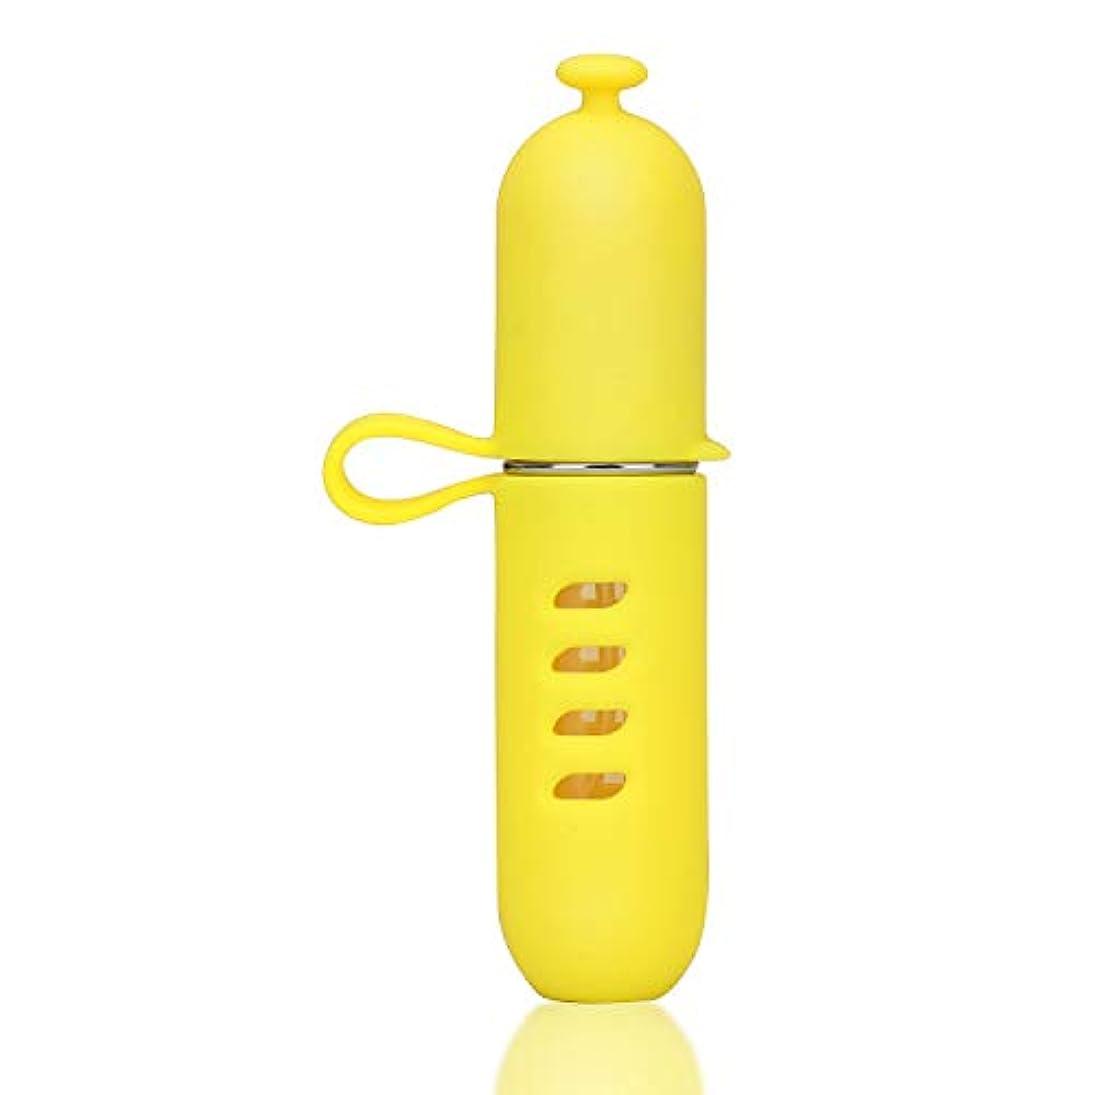 暴徒手を差し伸べる喉が渇いたMOOMU アトマイザー 香水 スプレー 噴霧器 詰め替え容器 底部充填方式 携帯用5ml (レモンイエロー)